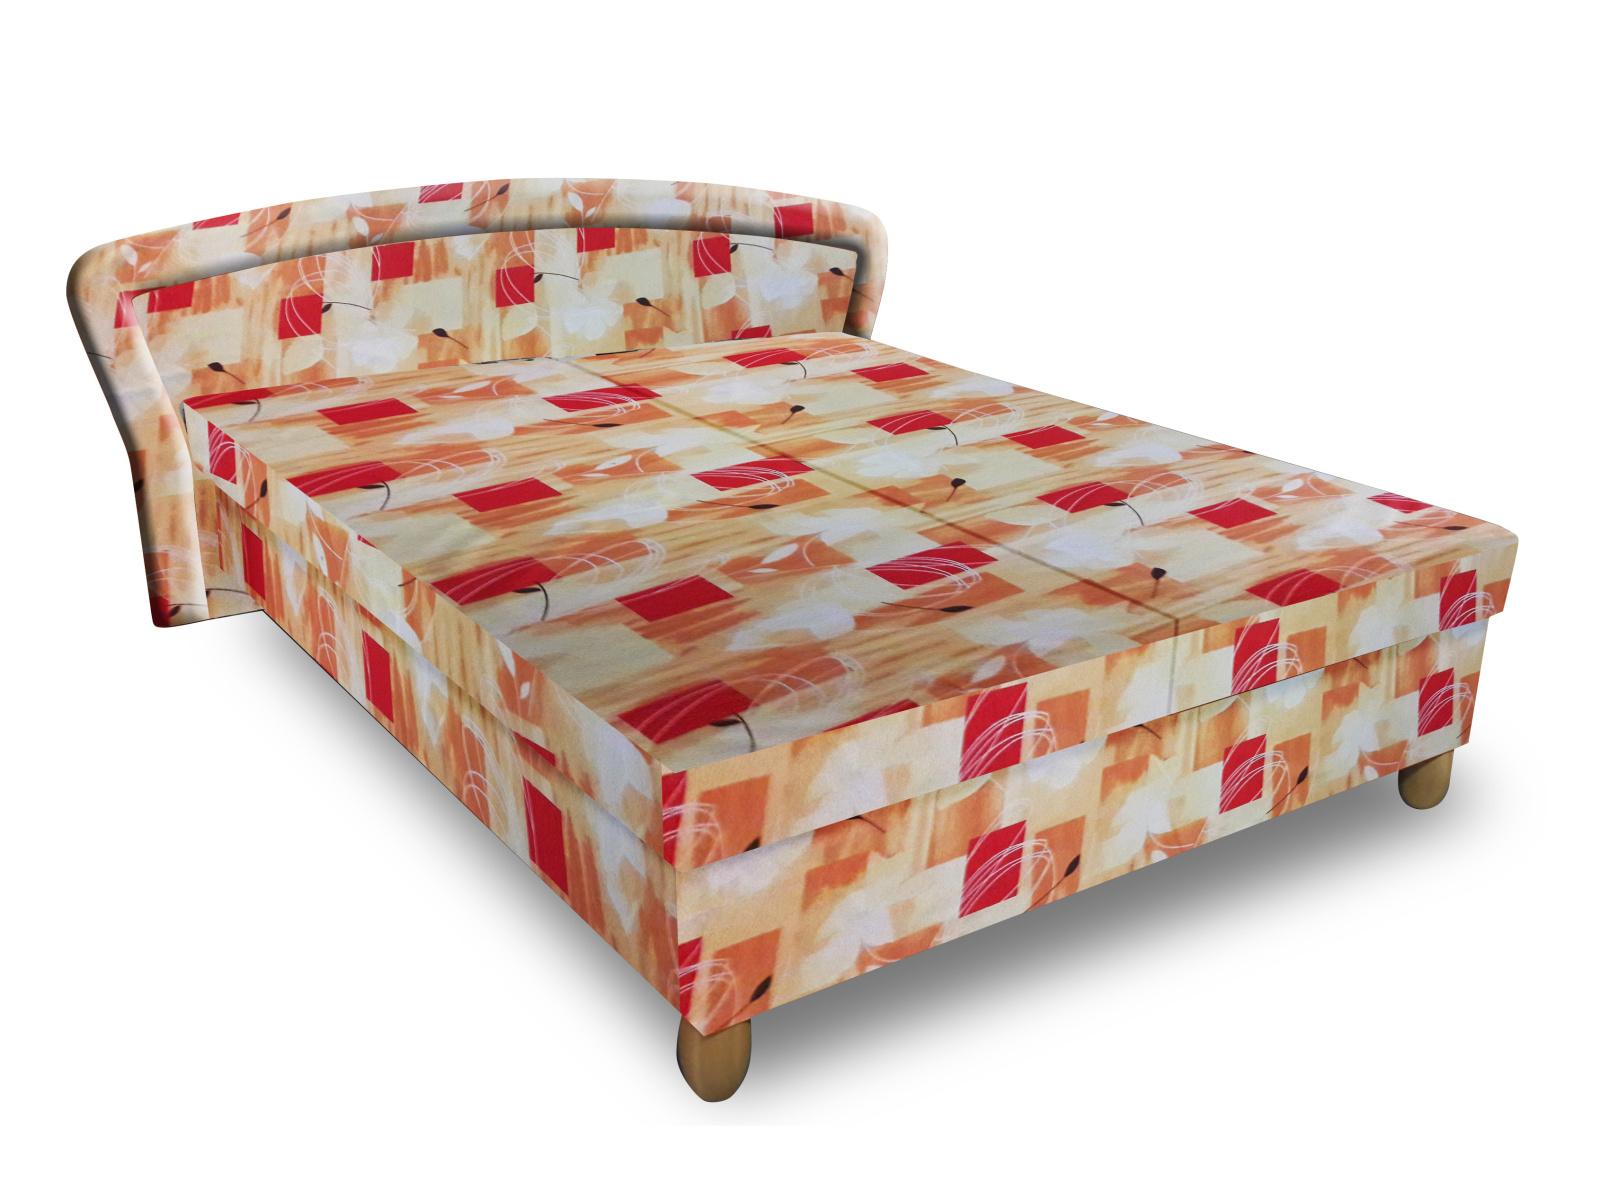 Smartshop Čalouněná postel PAVLA 160x195 cm, oranžová látka